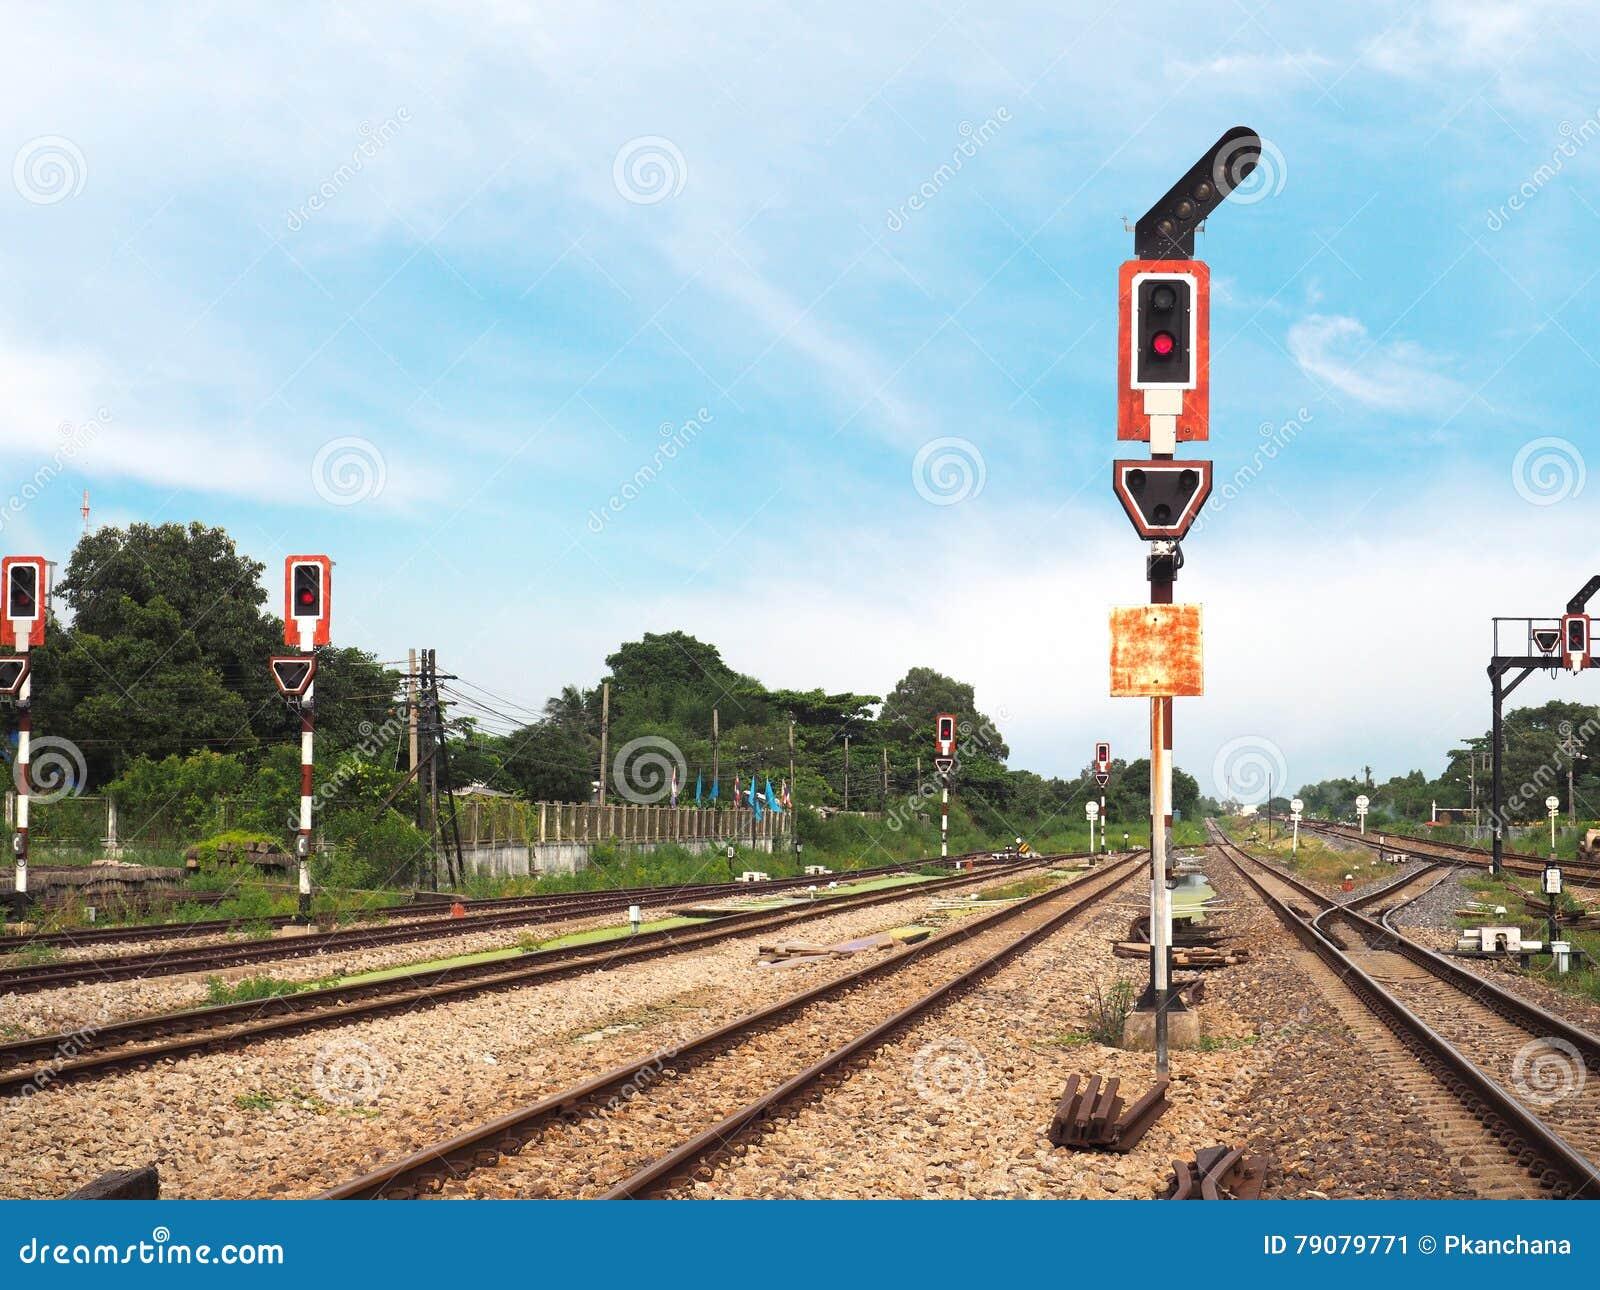 Verkeerslichtsignaal over spoorwegspoor